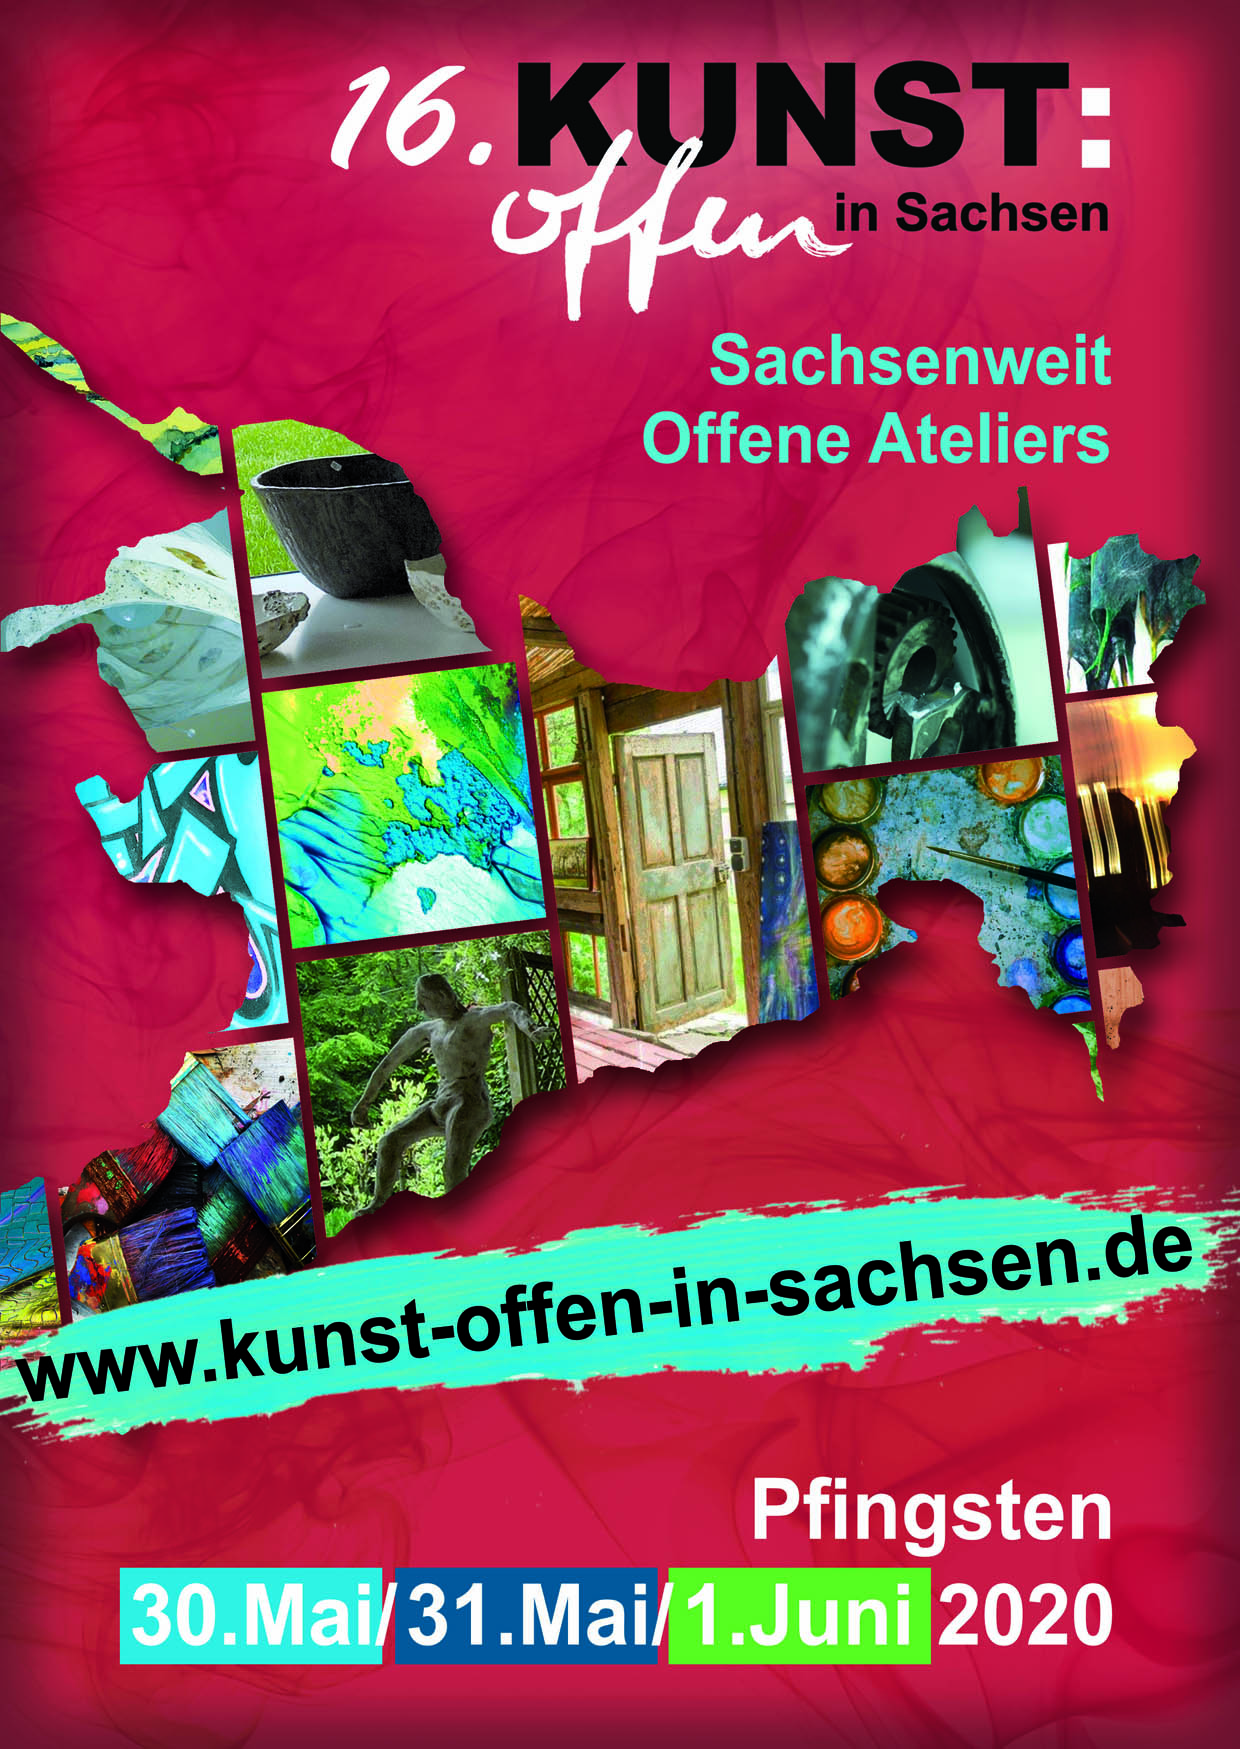 Plakat zu KUNST:offen in Sachsen 2020